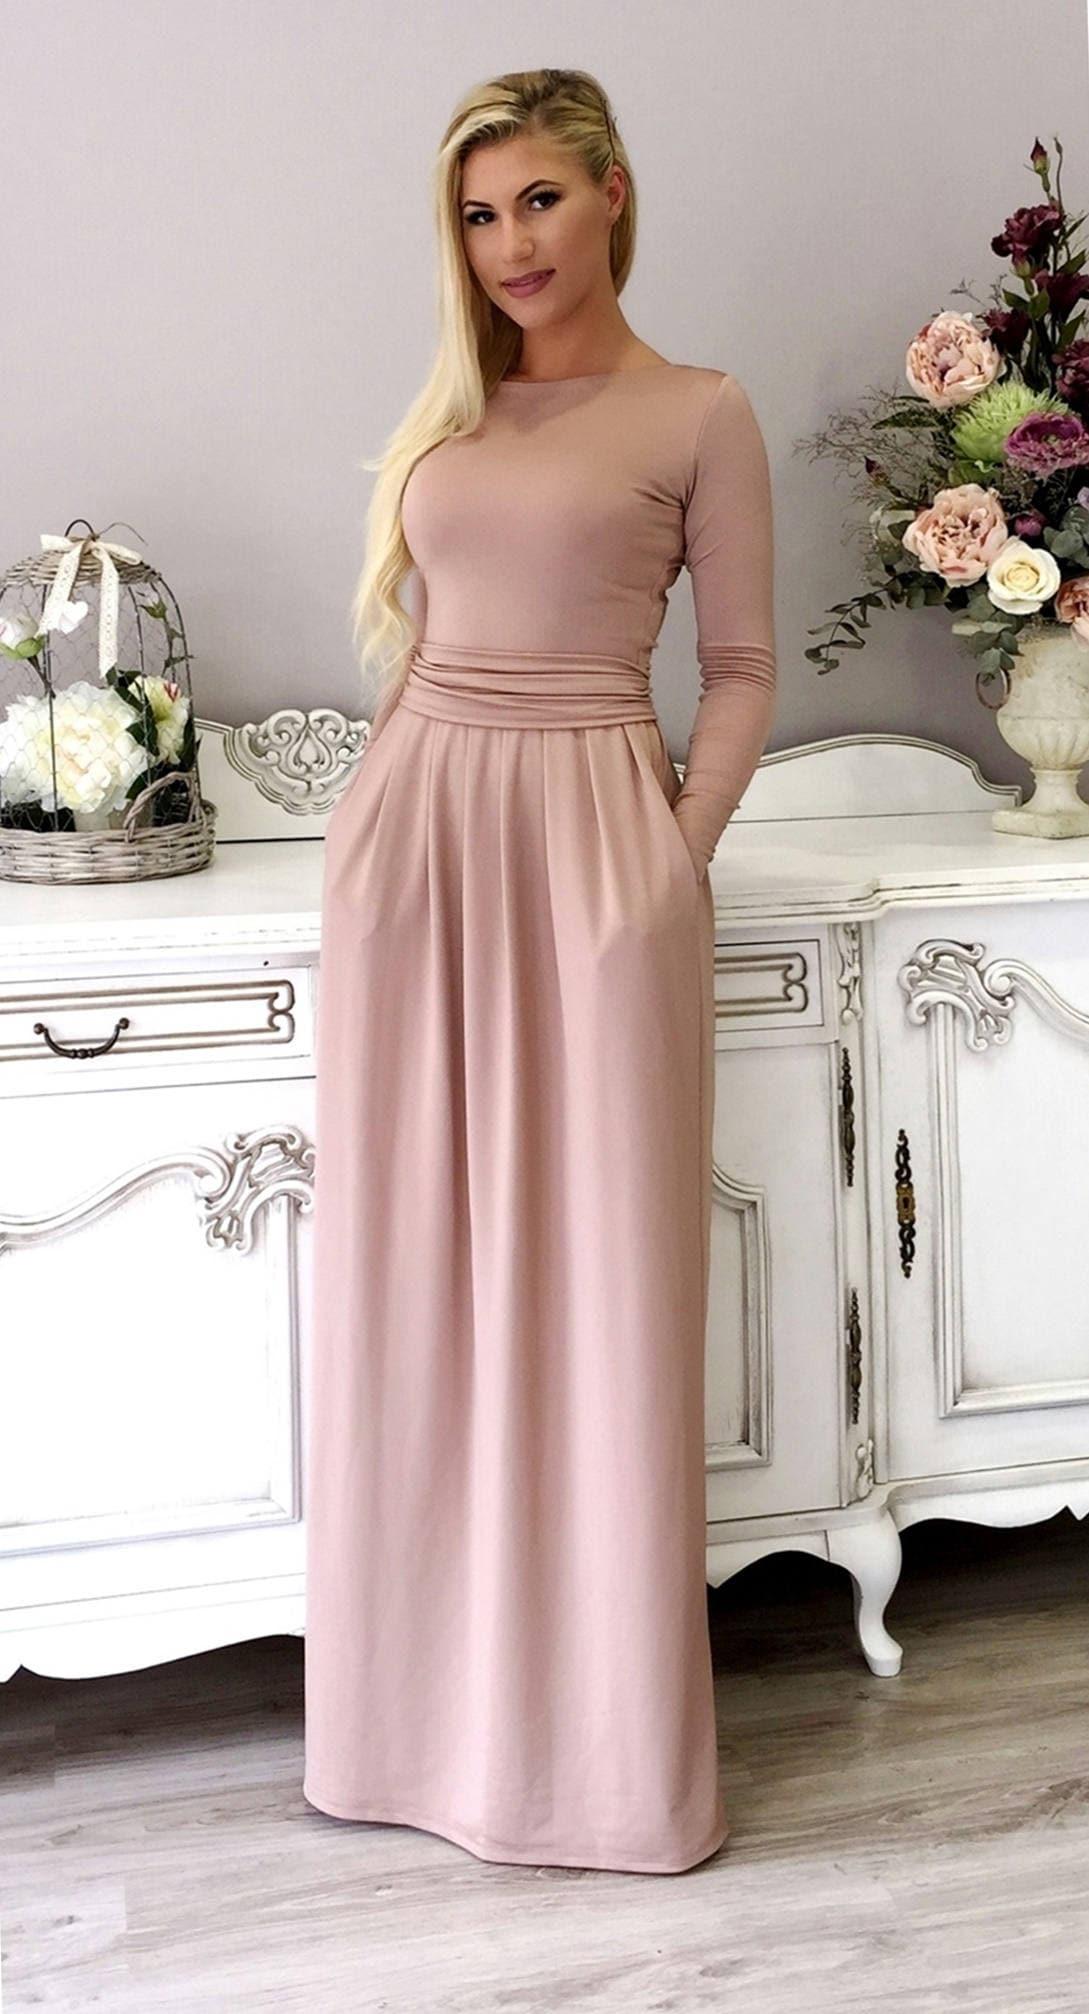 Encantador Cuándo Ordenar Vestido De Dama Viñeta - Ideas de Estilos ...